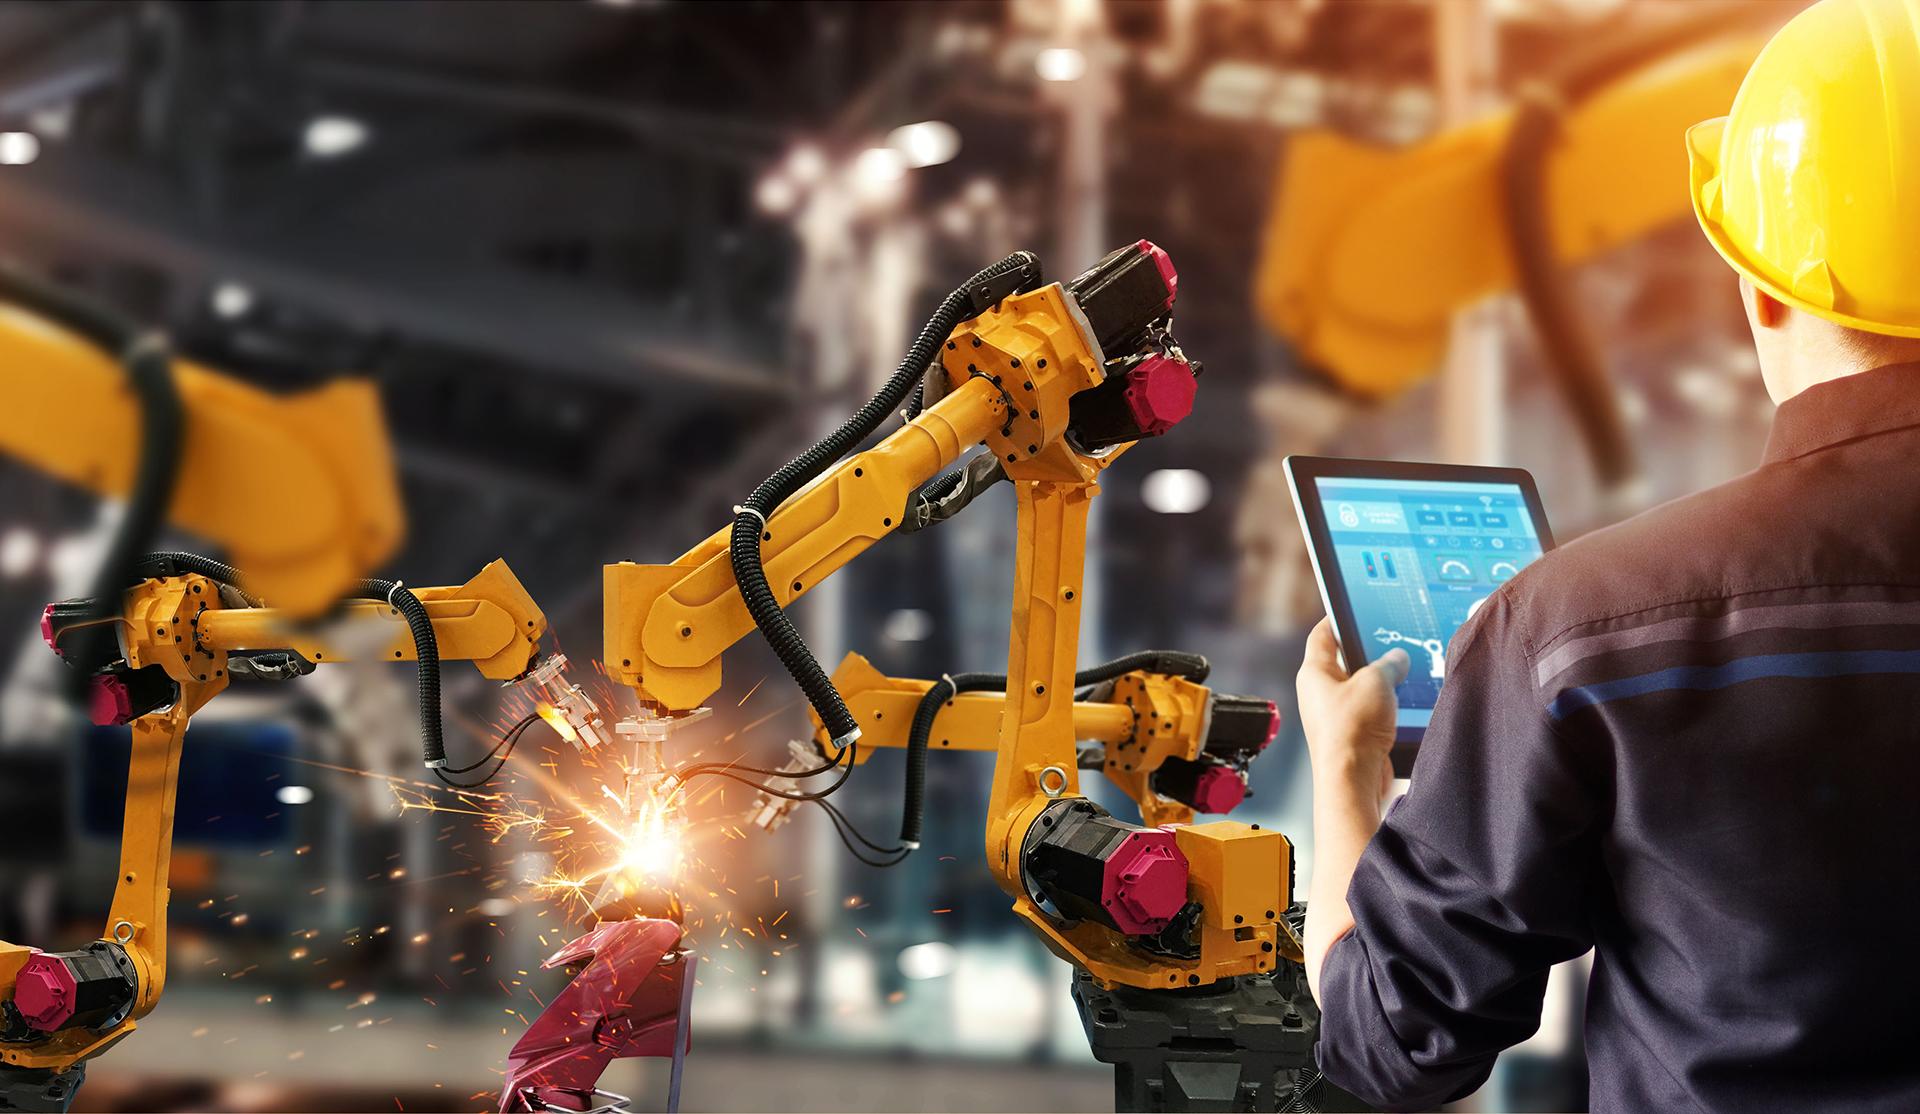 Operario con tablet controlando brazo robótico en producción